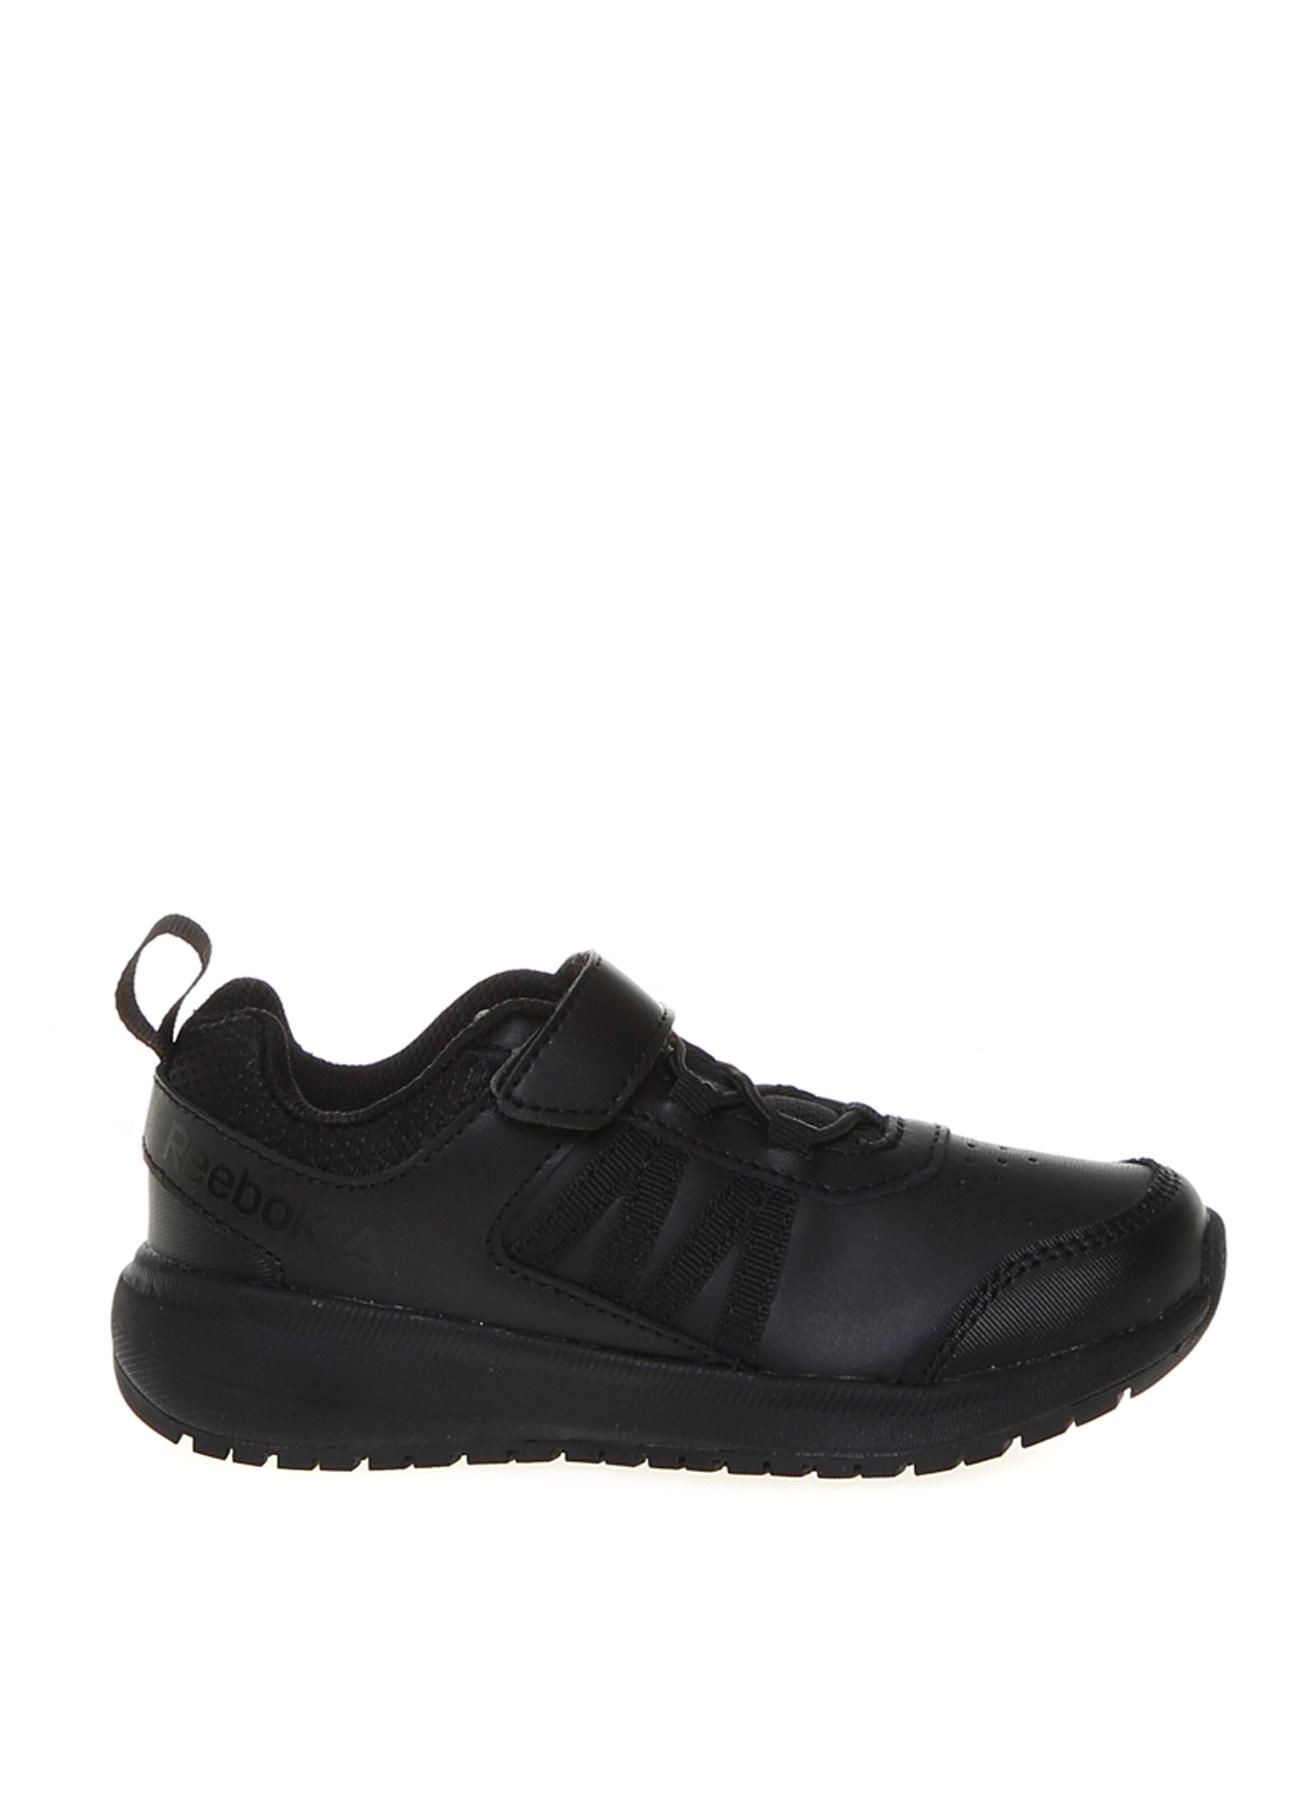 Reebok Koşu Ayakkabısı 34 5001700740012 Ürün Resmi